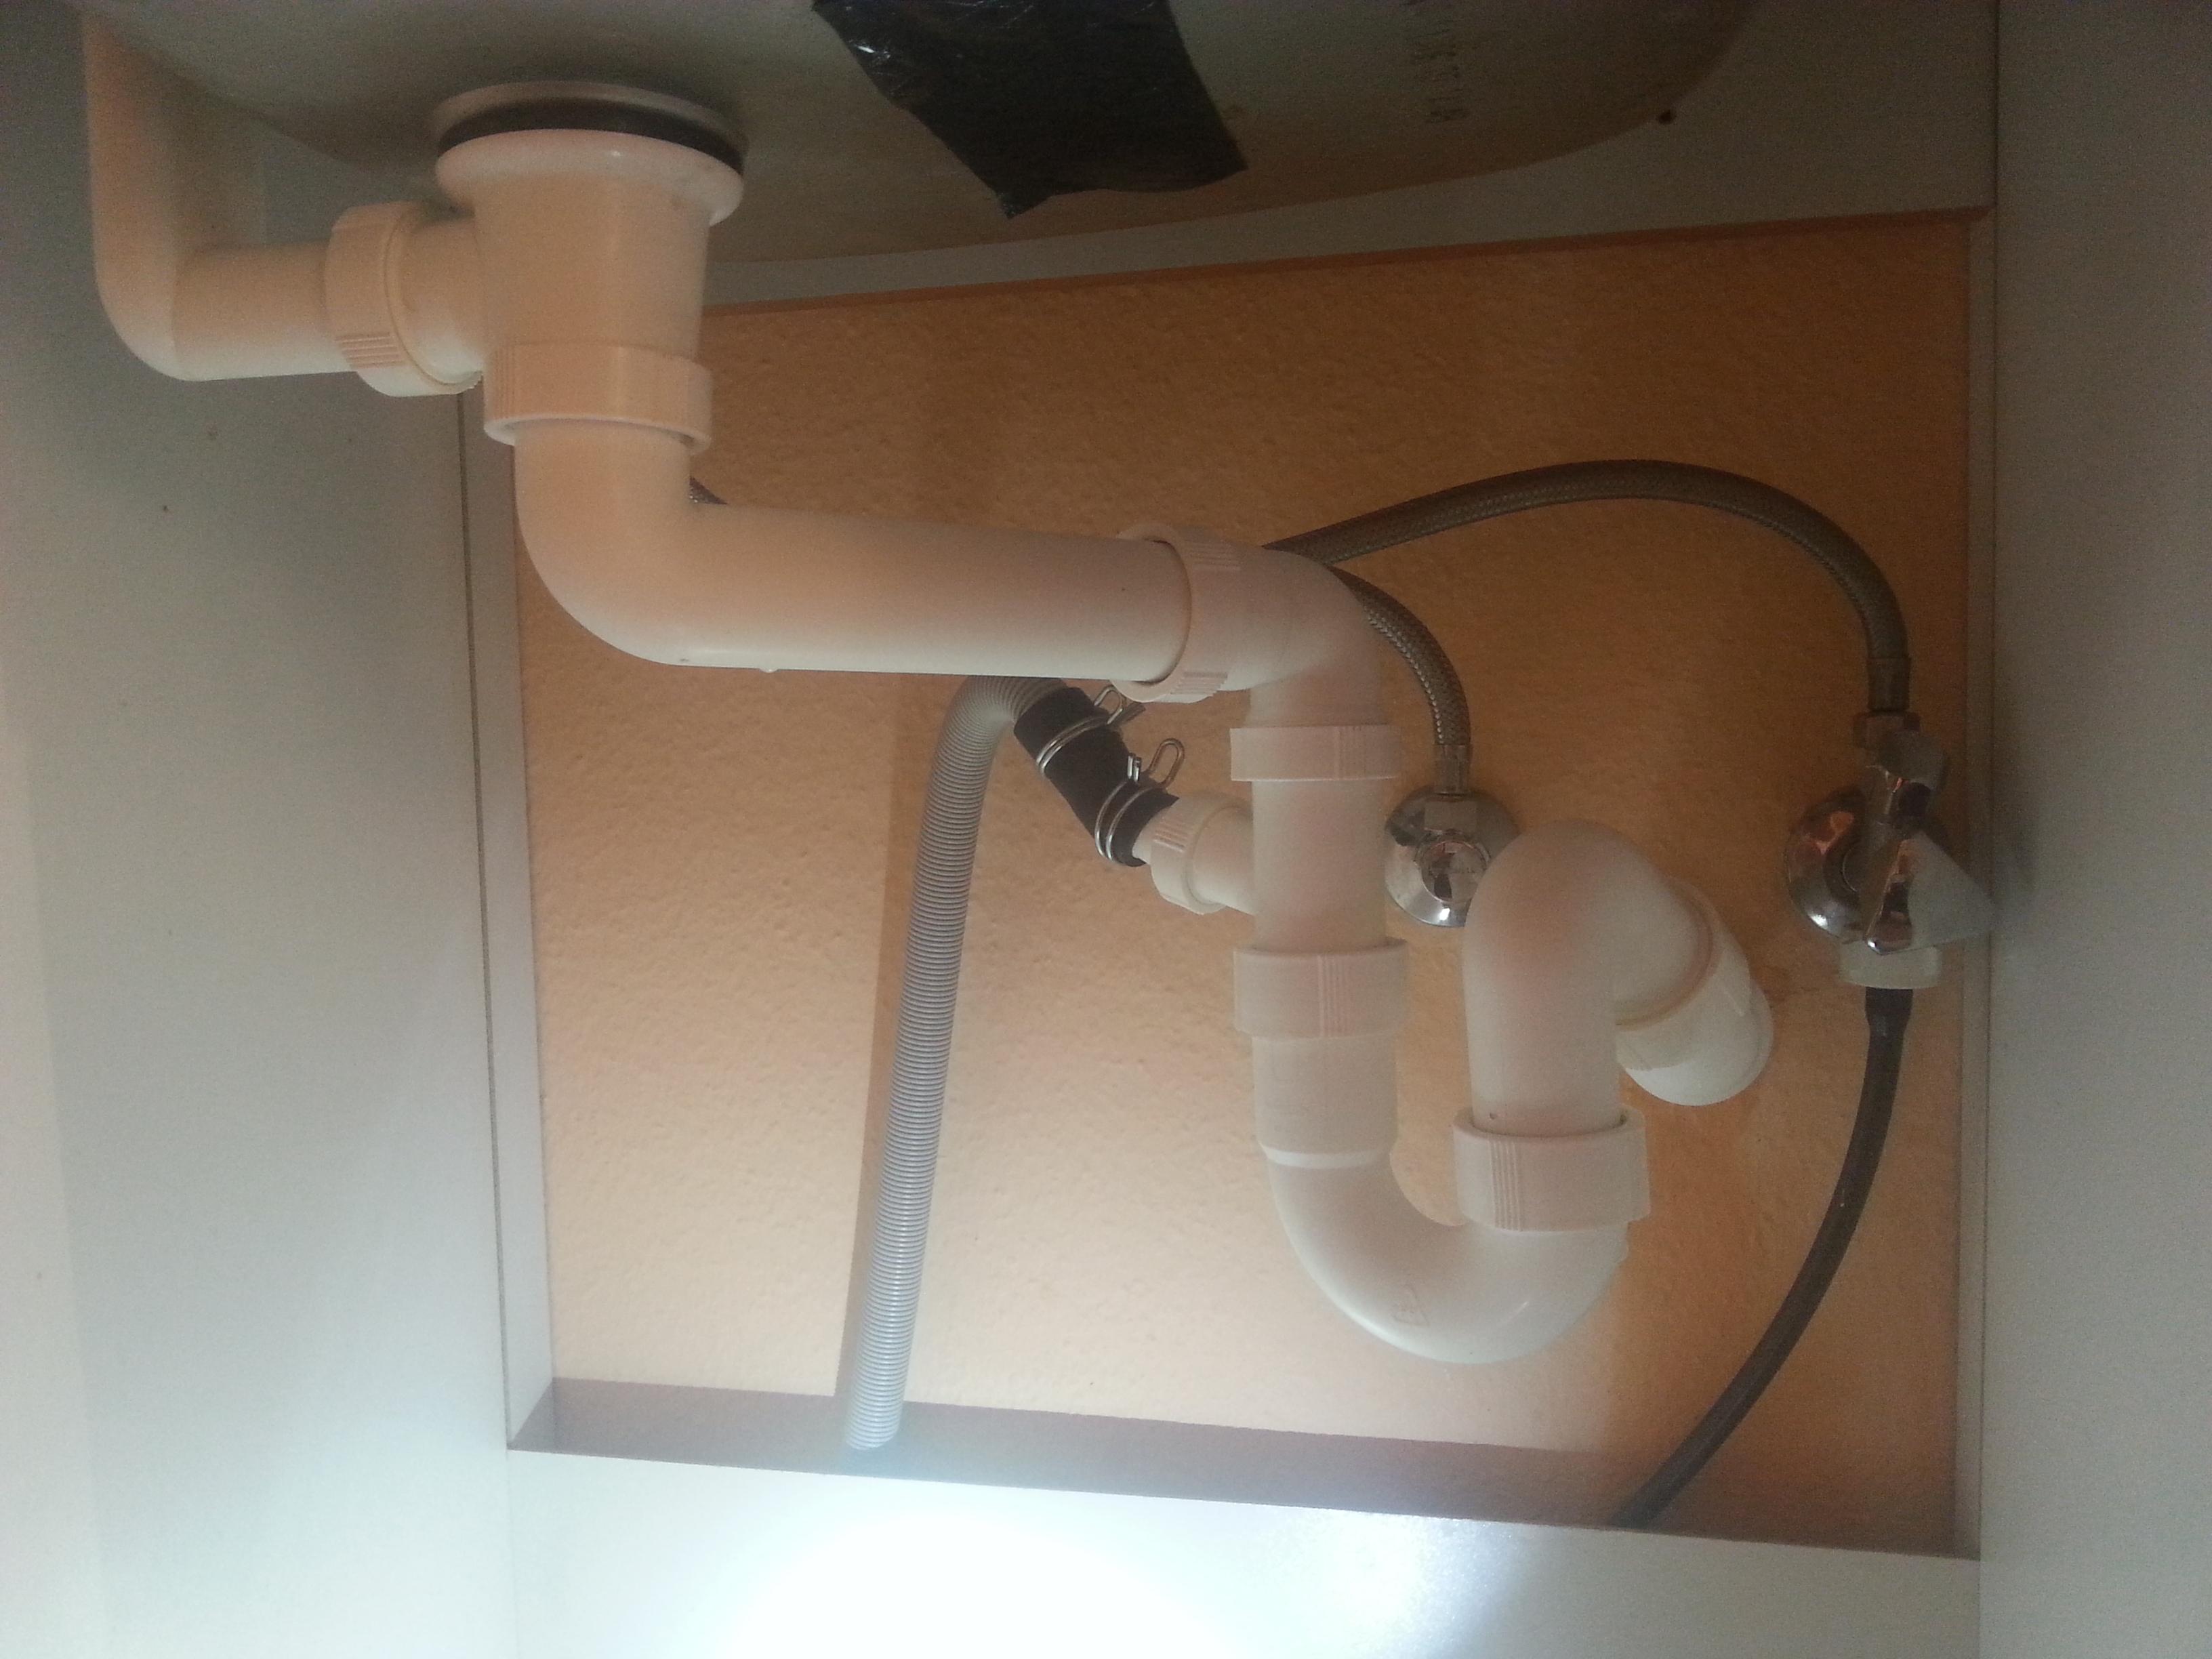 Wasser in der Küchenspüle rinnt nicht ab (Küche, Spuelmaschine, Abfluss)